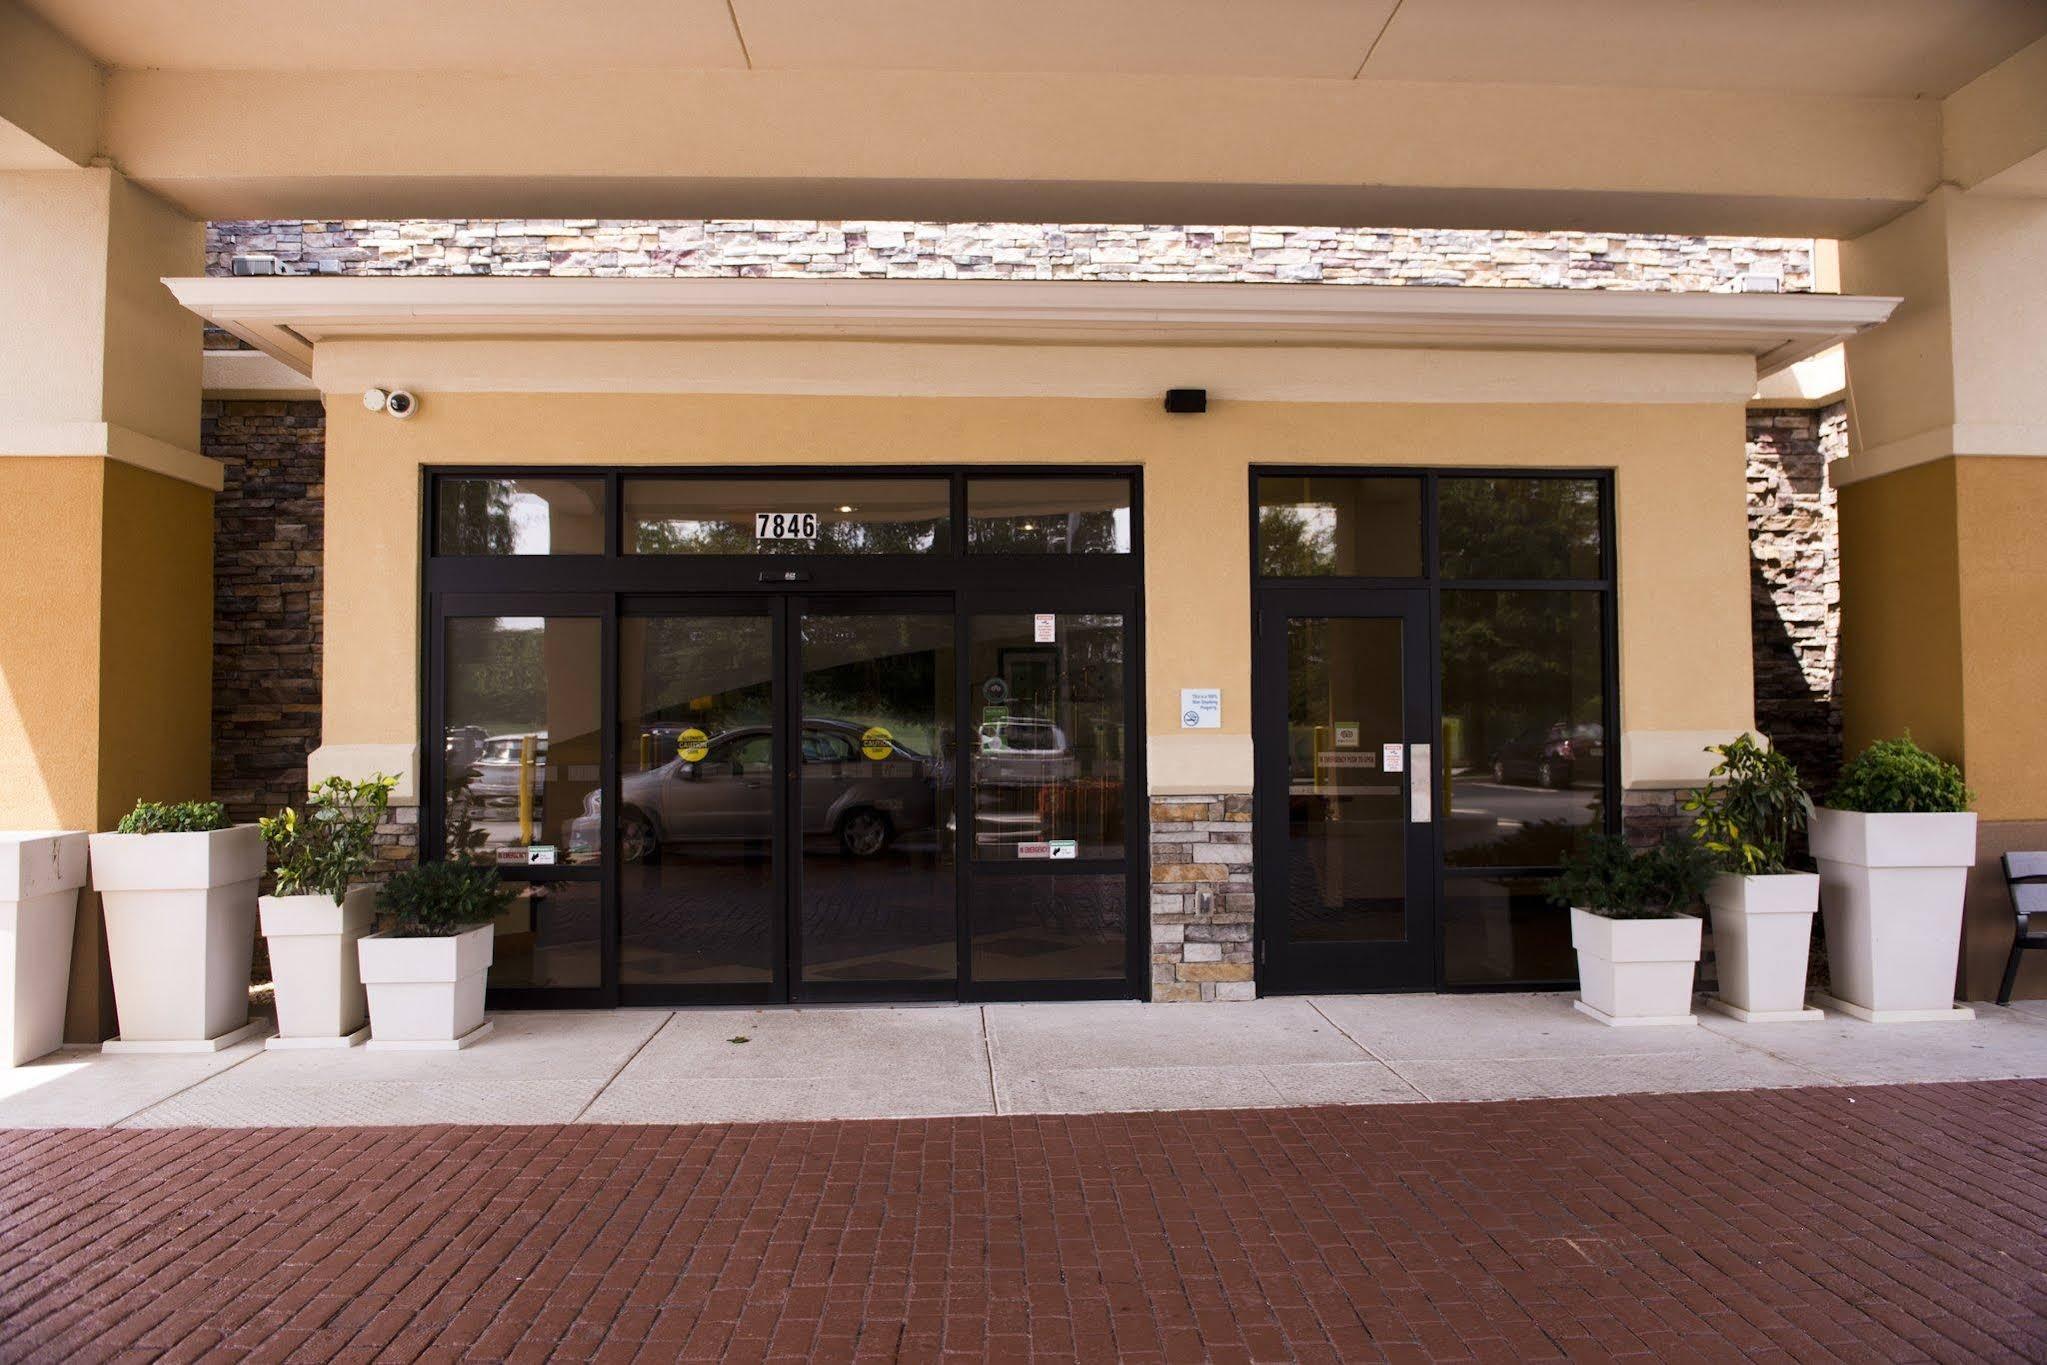 Cheap flights cheap airline tickets cheap airfares Hilton garden inn atlanta east stonecrest